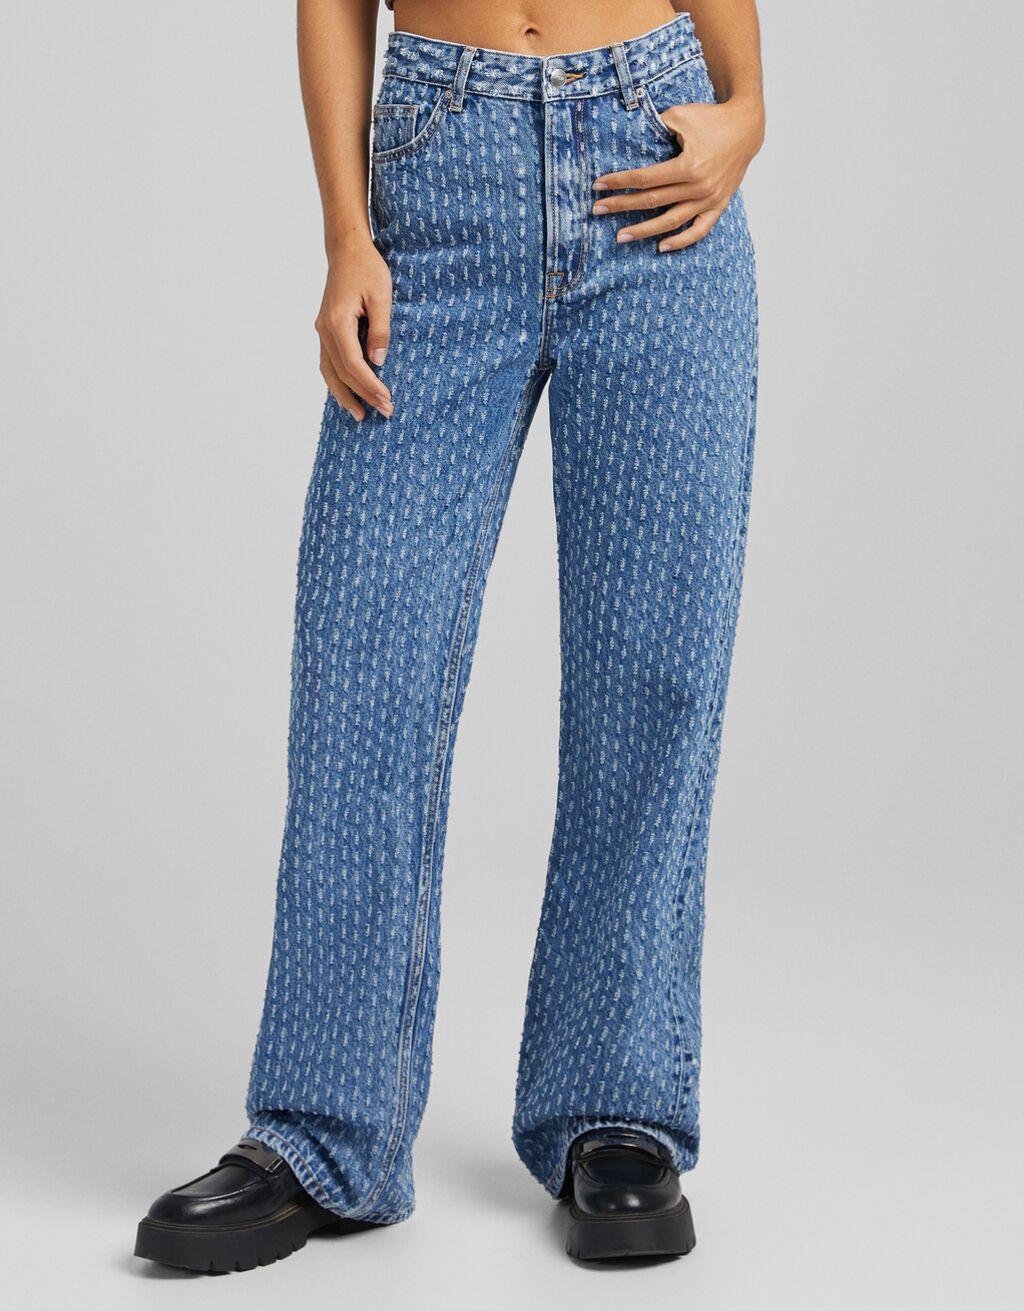 Jeans 90's estampados